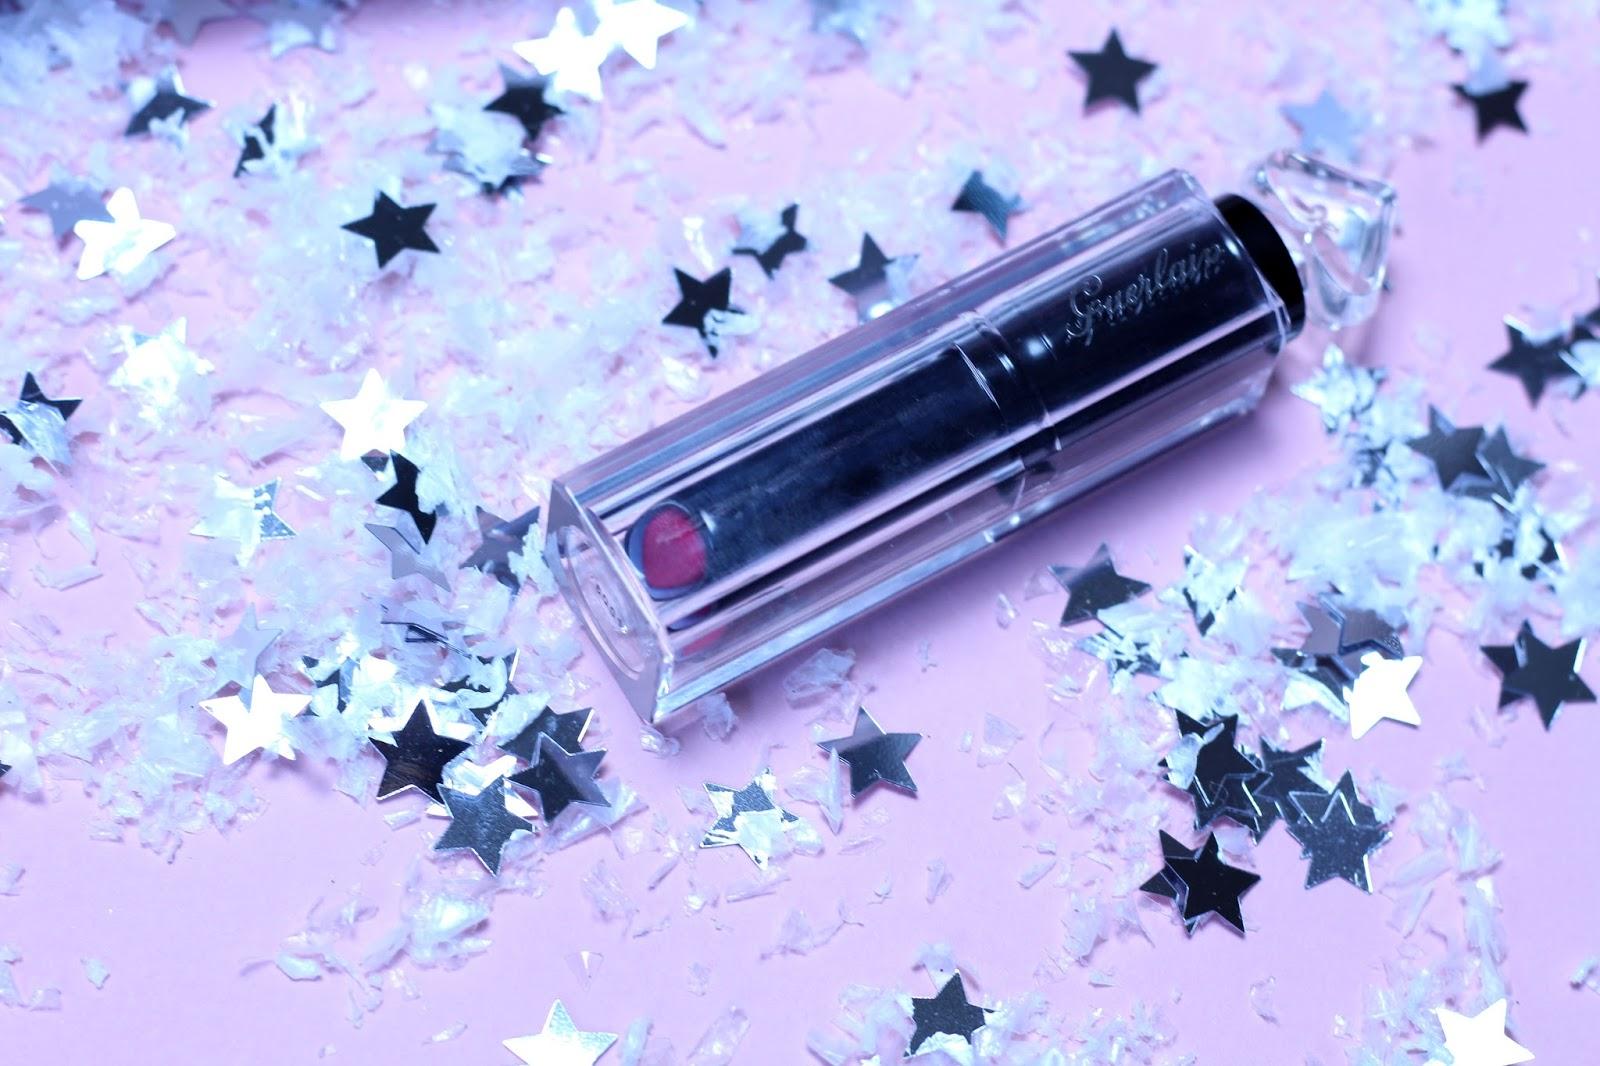 Le rouge à lèvres La Petite Robe Noire de Guerlain